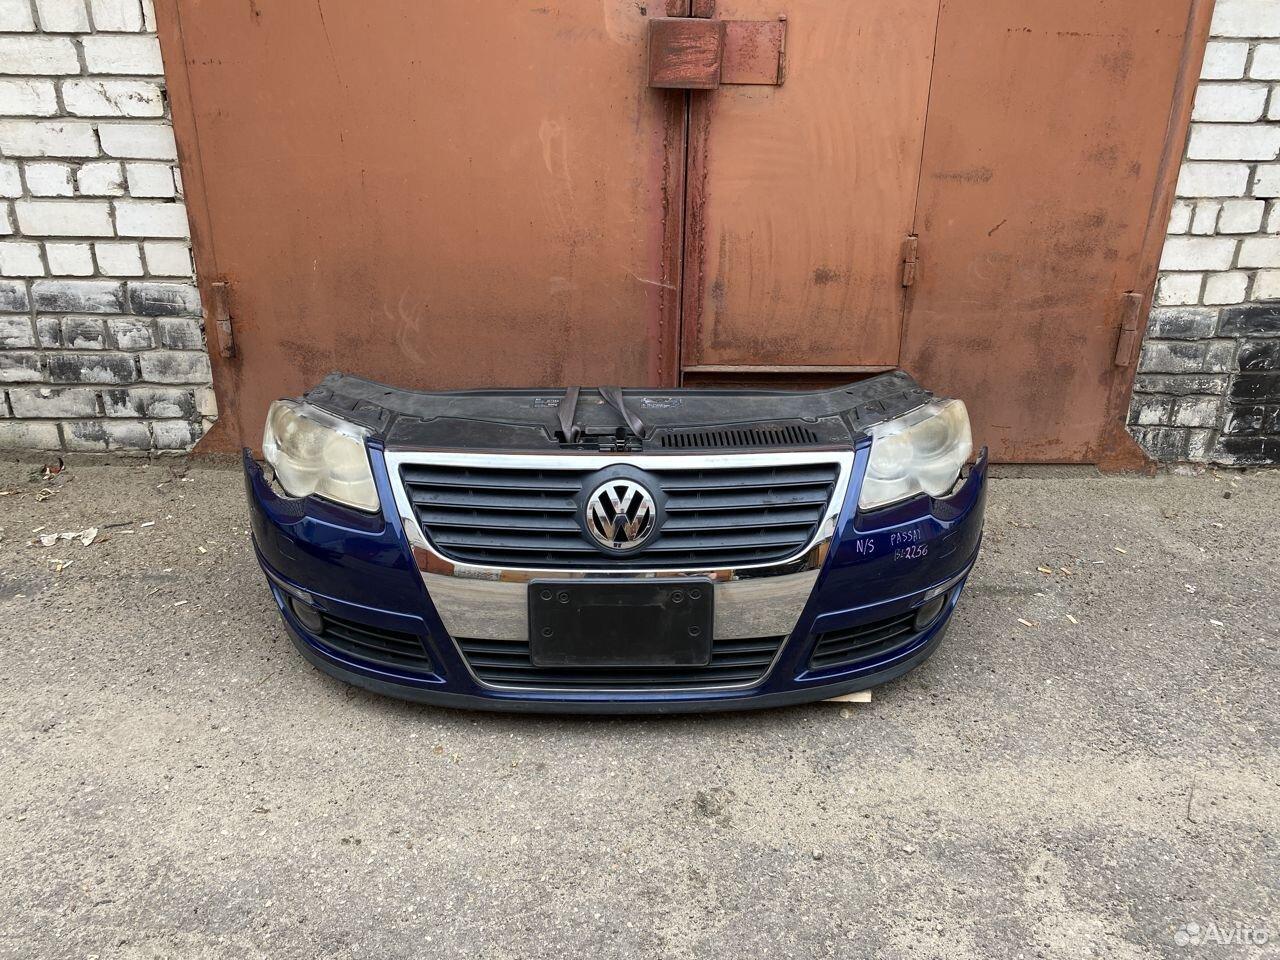 Ноускат Volkswagen Passat B6 №2  89534684247 купить 1